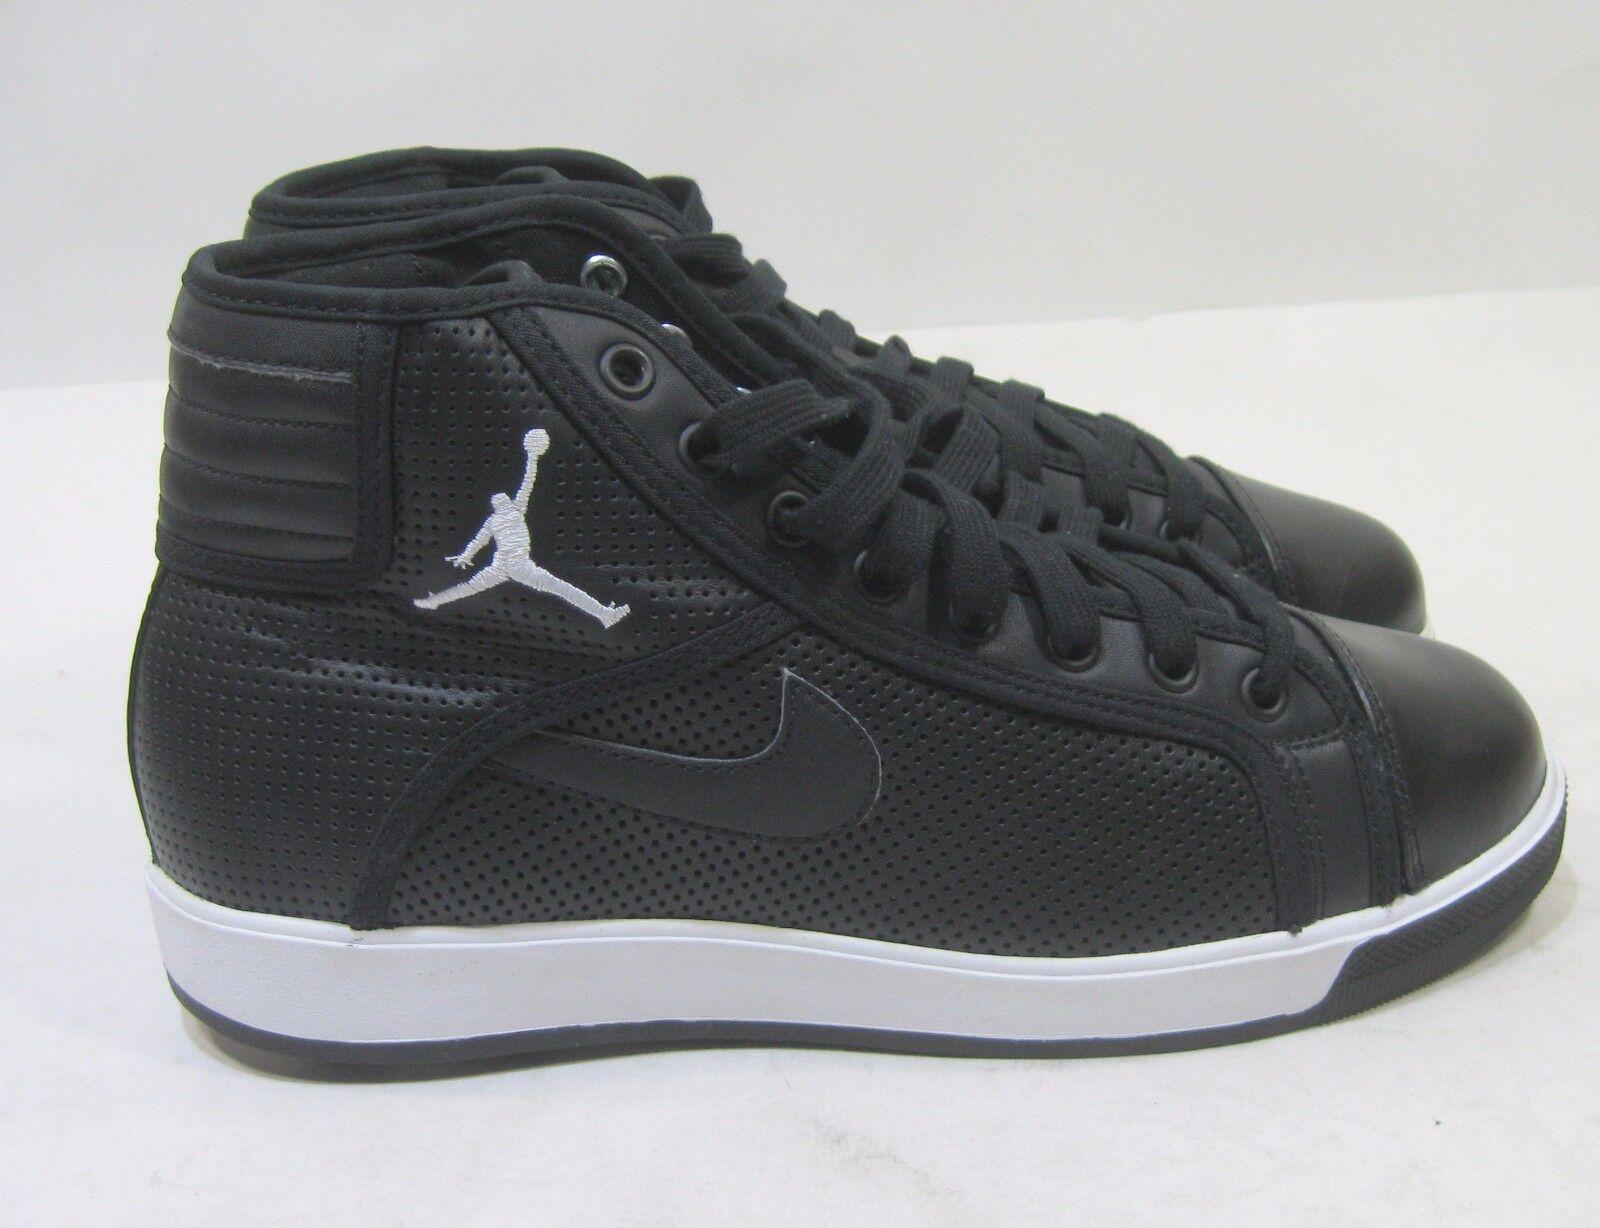 Nuevo Air Jordan Jordan Jordan Cielo Alta Blanco y Negro Cemento Gris 414960-001 Tamaño 9 358860